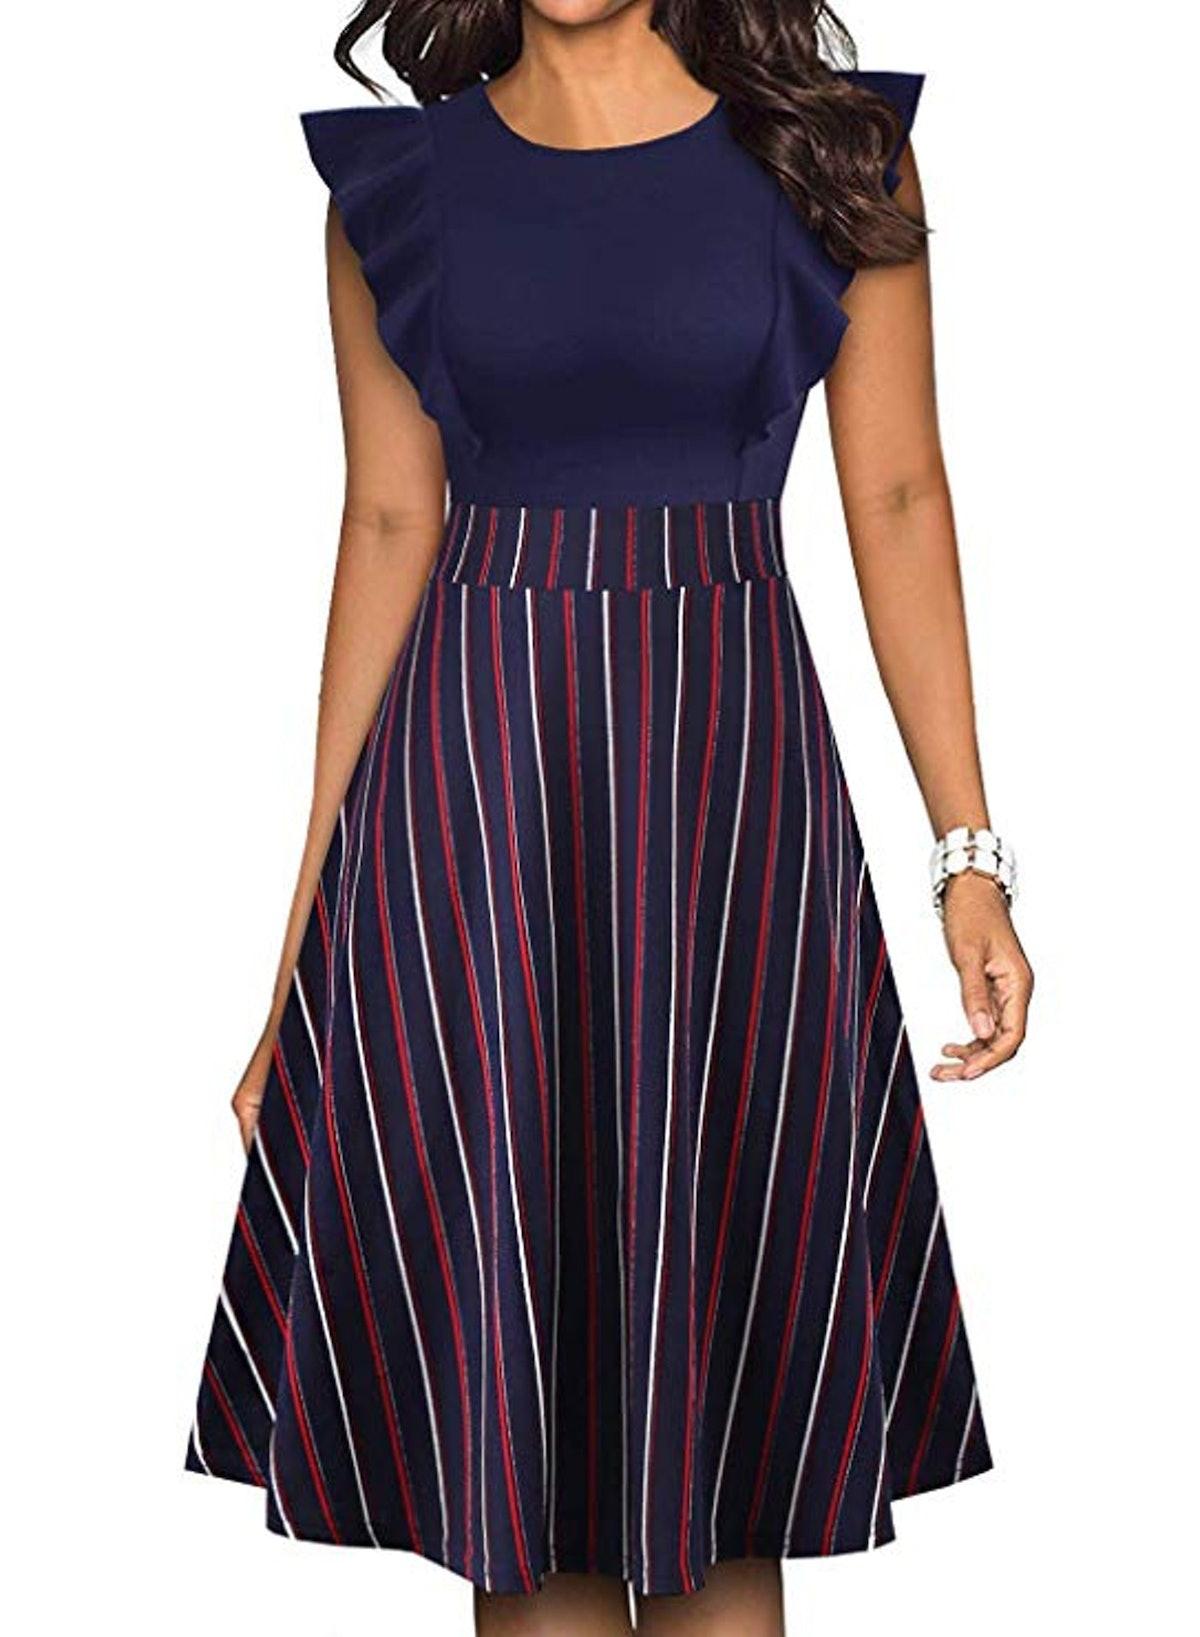 YATHON Vintage-Inspired Swing Dress